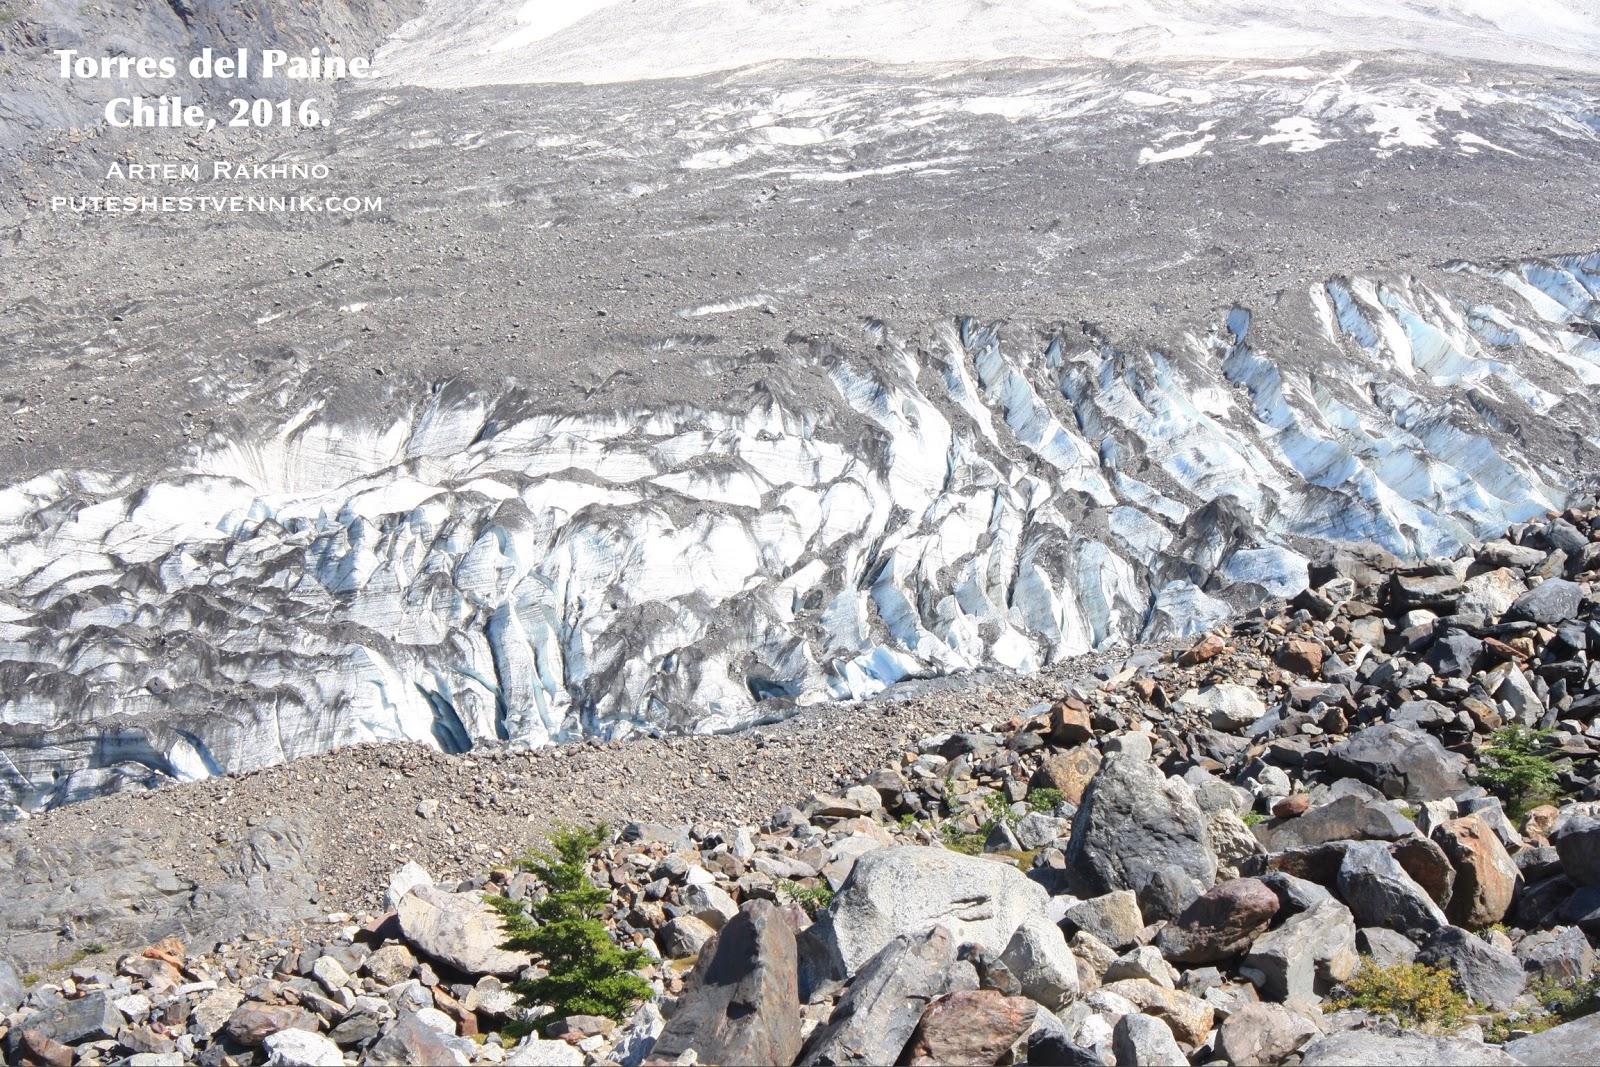 Ледник и камни в Торрес-дель-Пайне